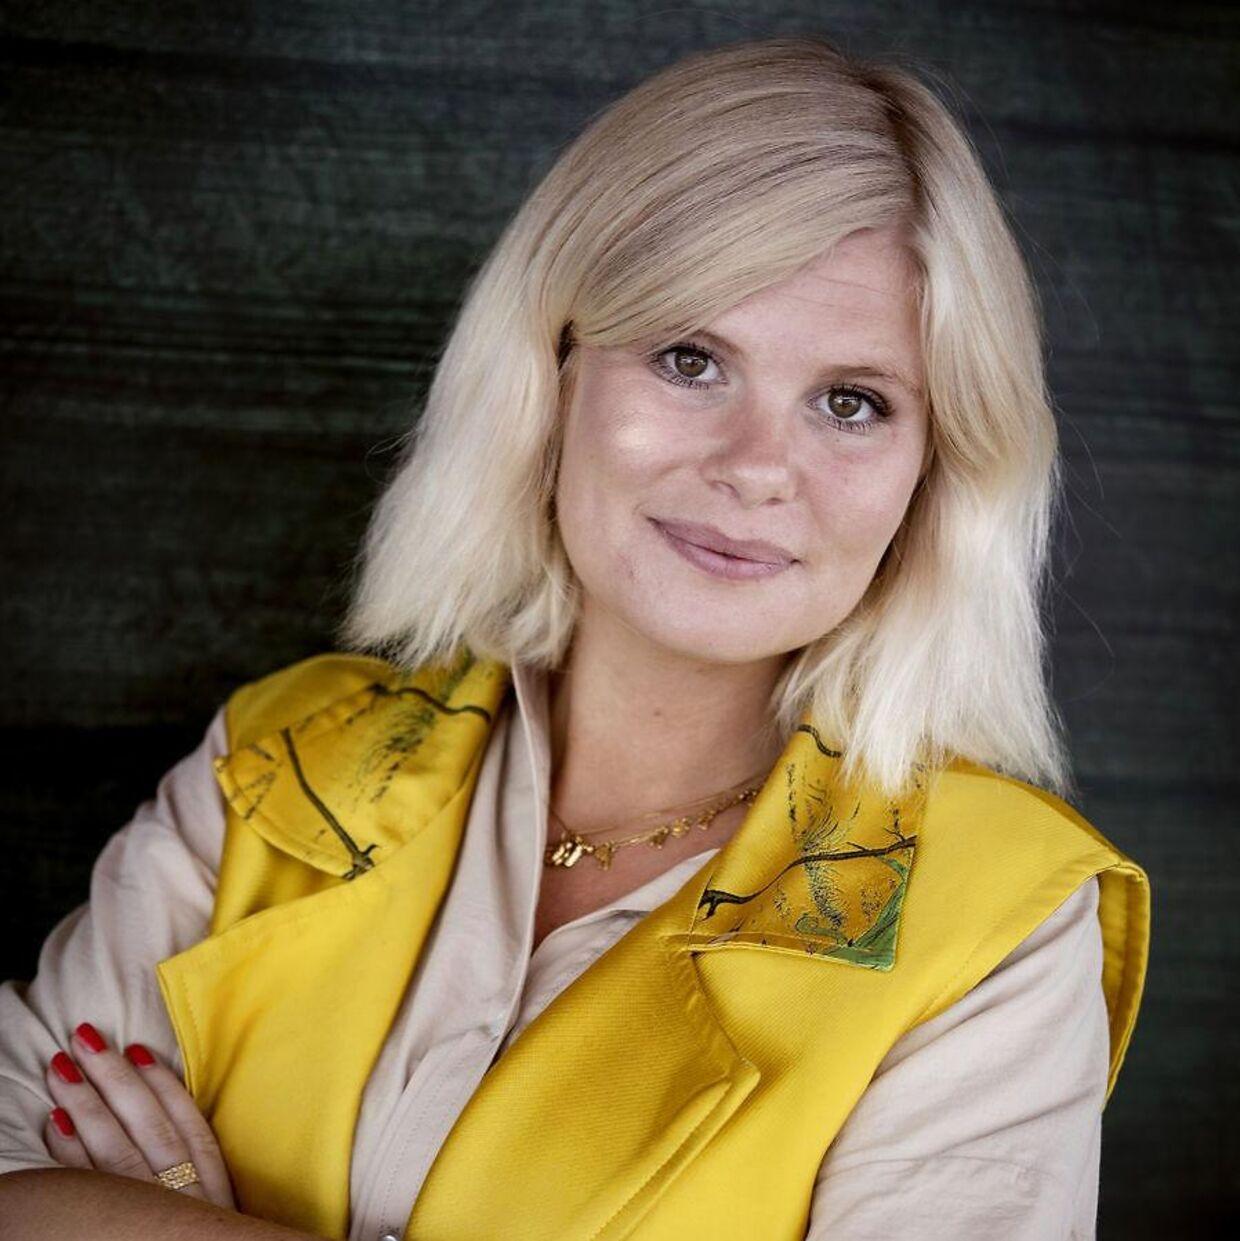 Sofie Linde fik for alvor startet en debat om sexchikane, da hun fortalte om egne oplevelser ved årets Zulu Comedy Galla.